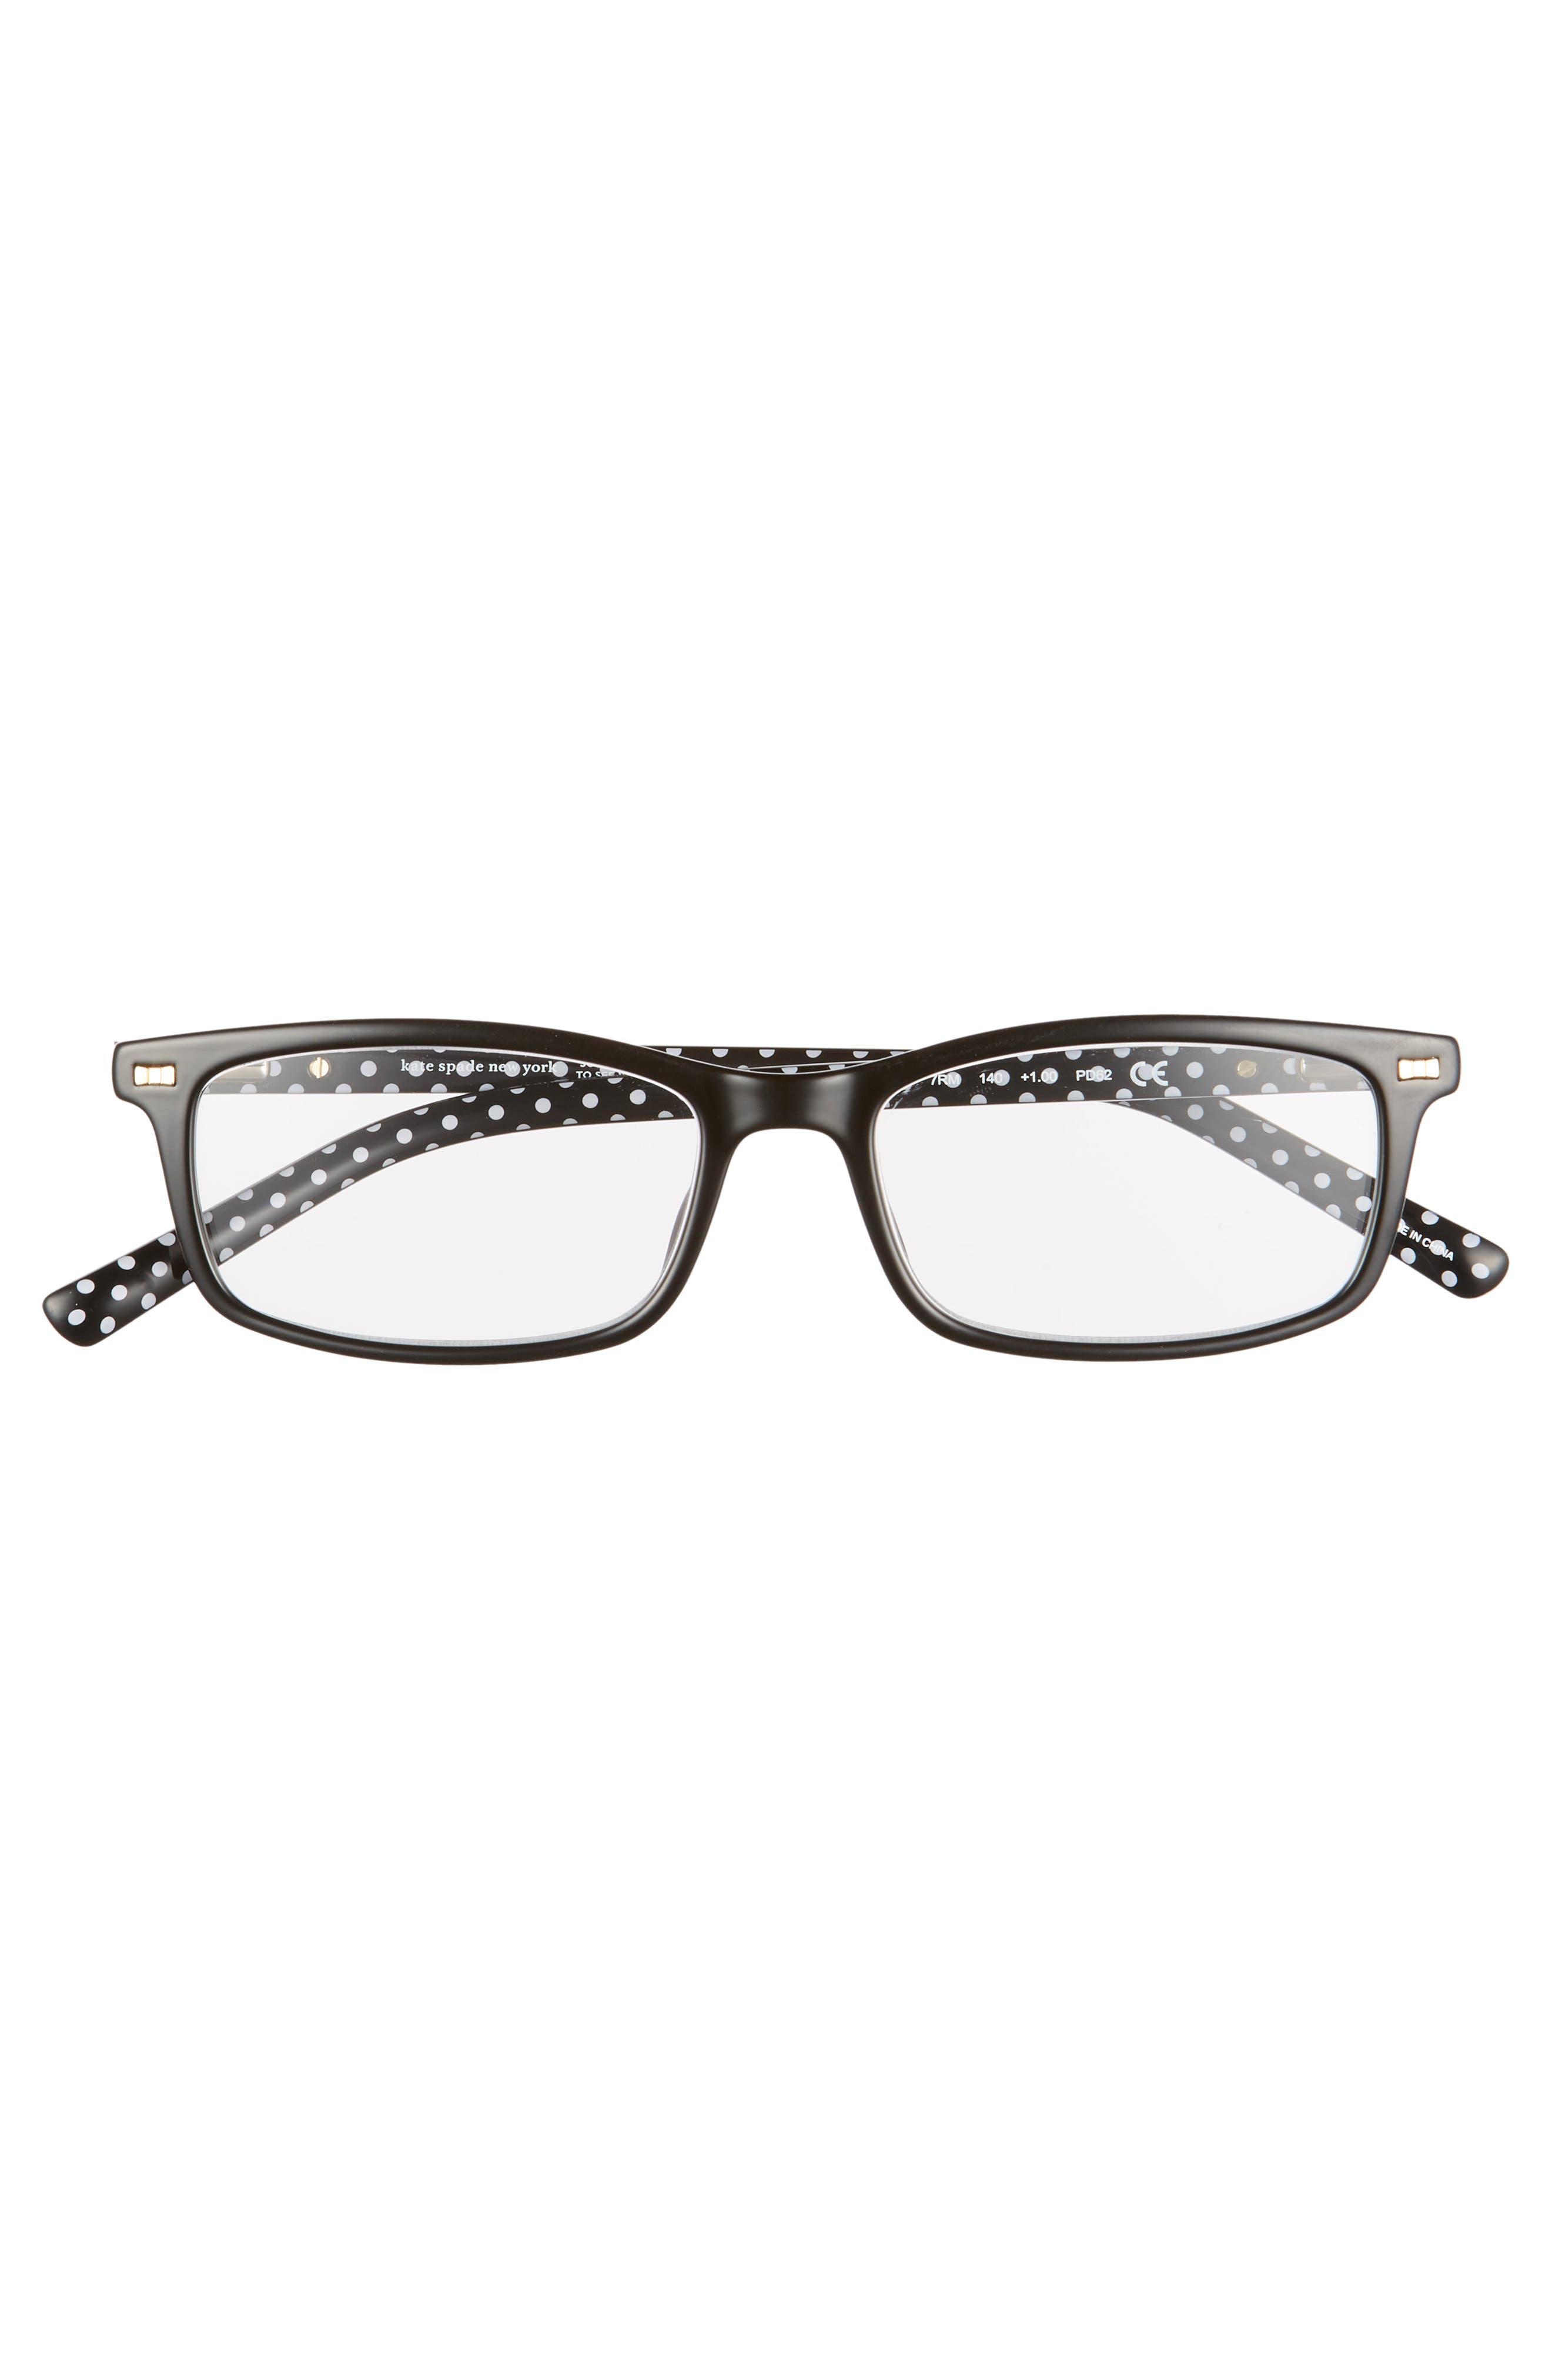 KATE SPADE NEW YORK, jodie 50mm rectangular reading glasses, Alternate thumbnail 3, color, BLACK POLKA DOT